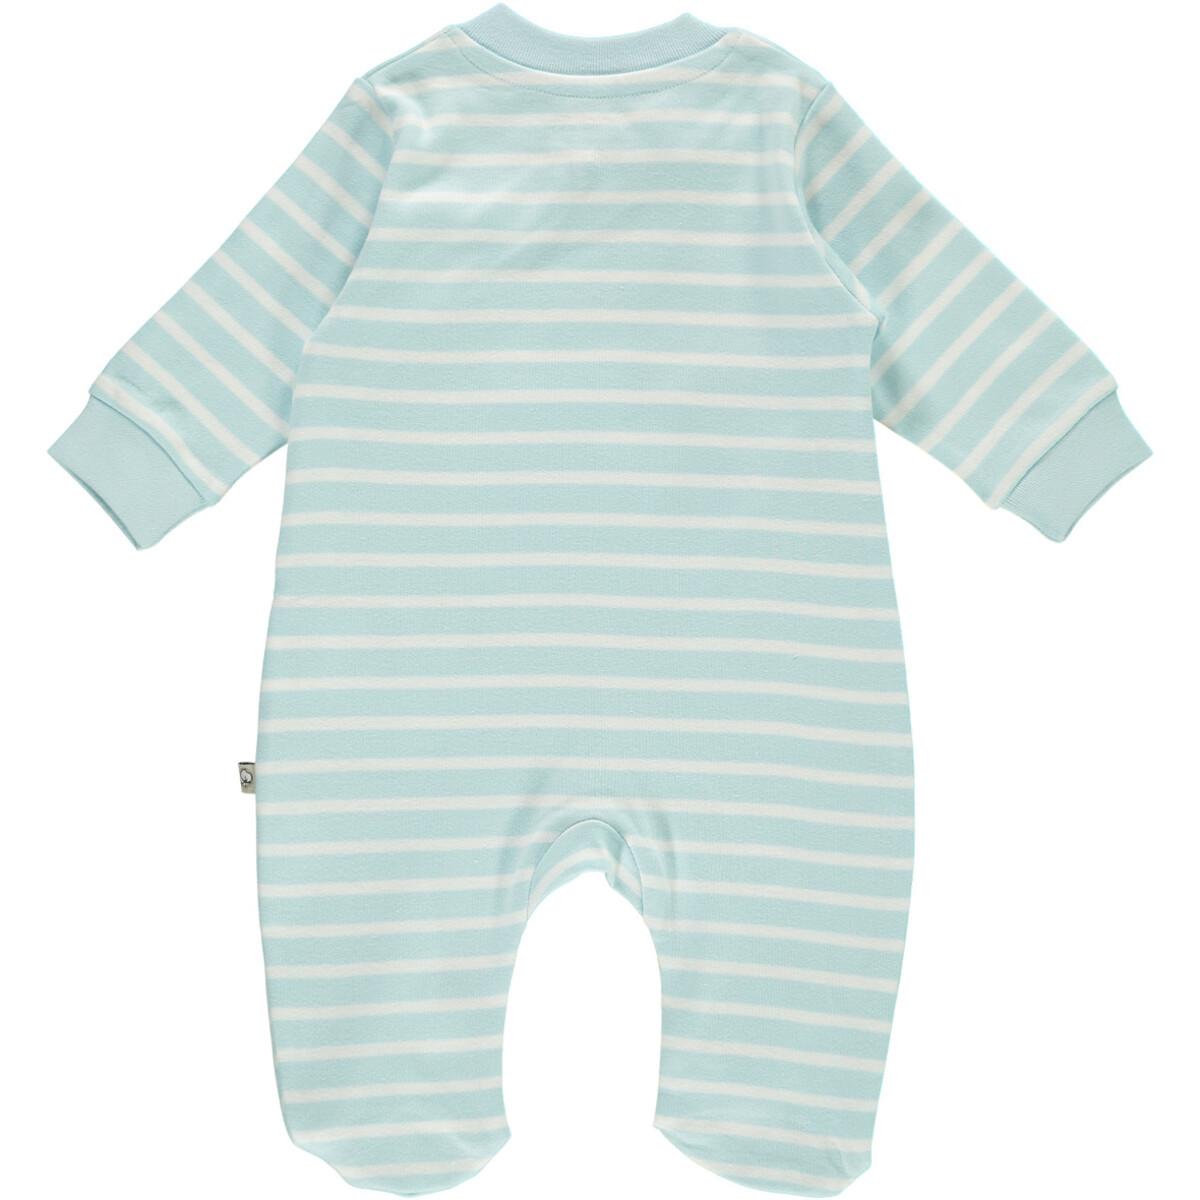 Bild 2 von Baby Jungen Pyjama einteilig